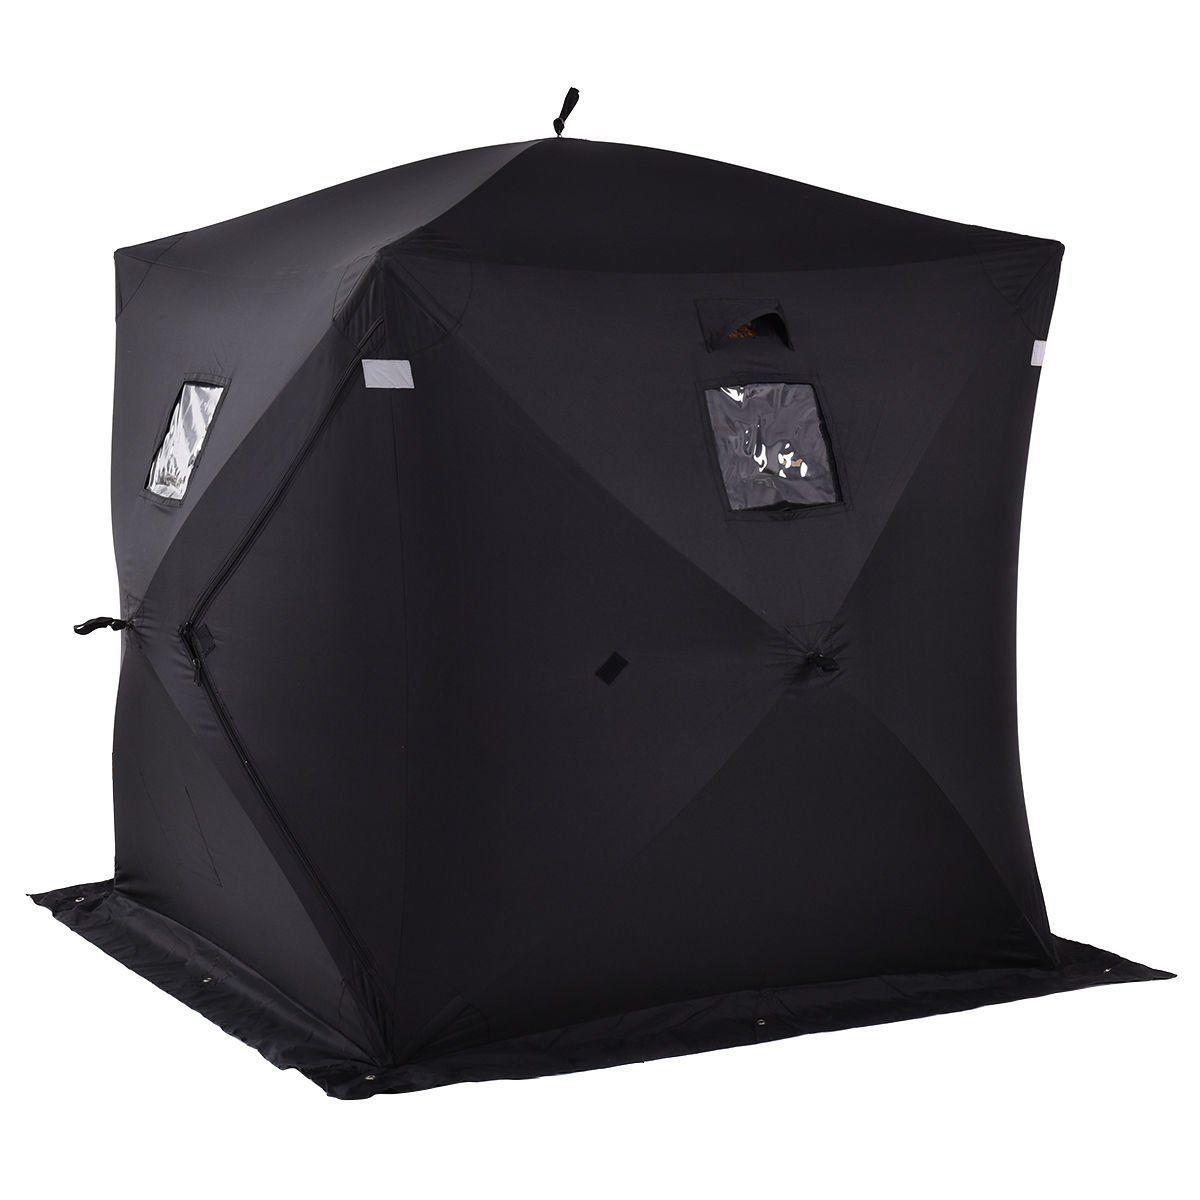 ブラック テント アイス シェルター 超レア! 新品 未使用 キャンプ アウトドア